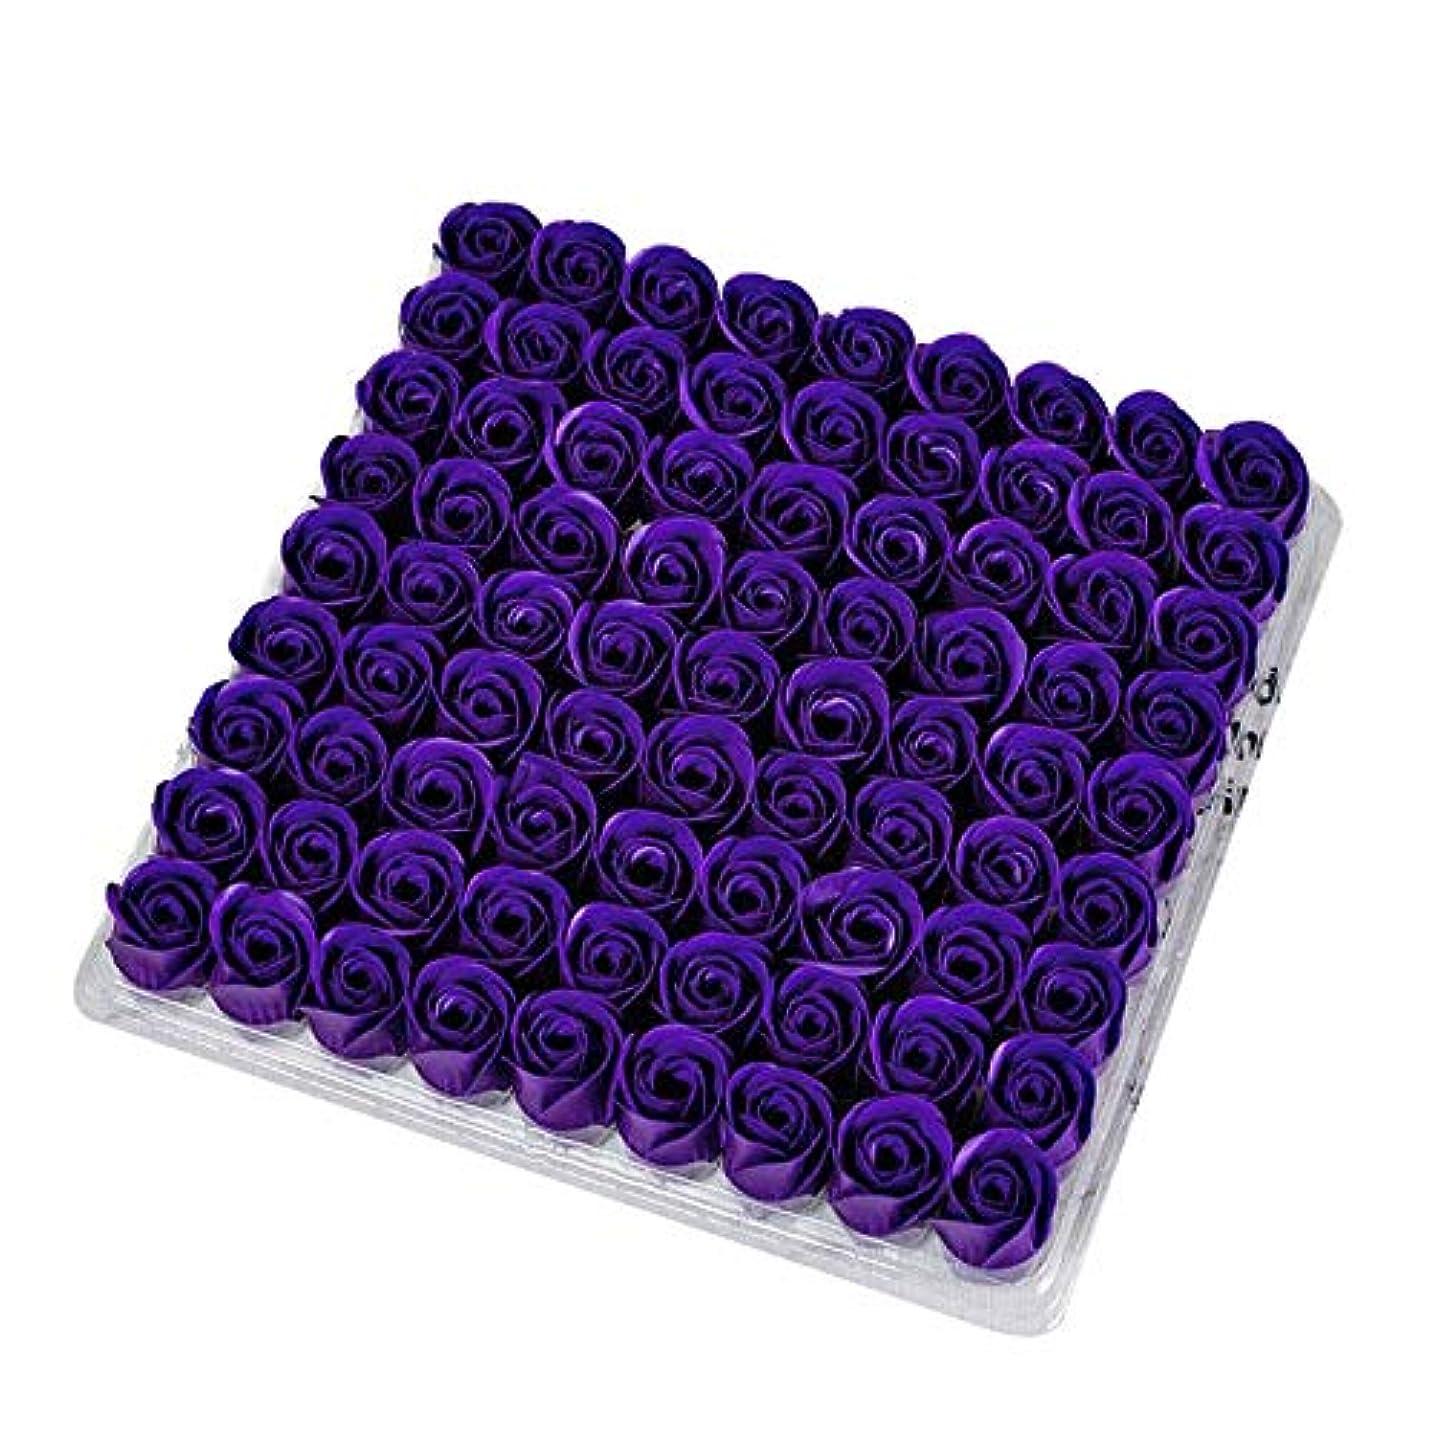 コンサルタント外交問題配分Gaoominy 81個の薔薇、バス ボディ フラワー?フローラルの石けん 香りのよいローズフラワー エッセンシャルオイル フローラルのお客様への石鹸 ウェディング、パーティー、バレンタインデーの贈り物、紫色